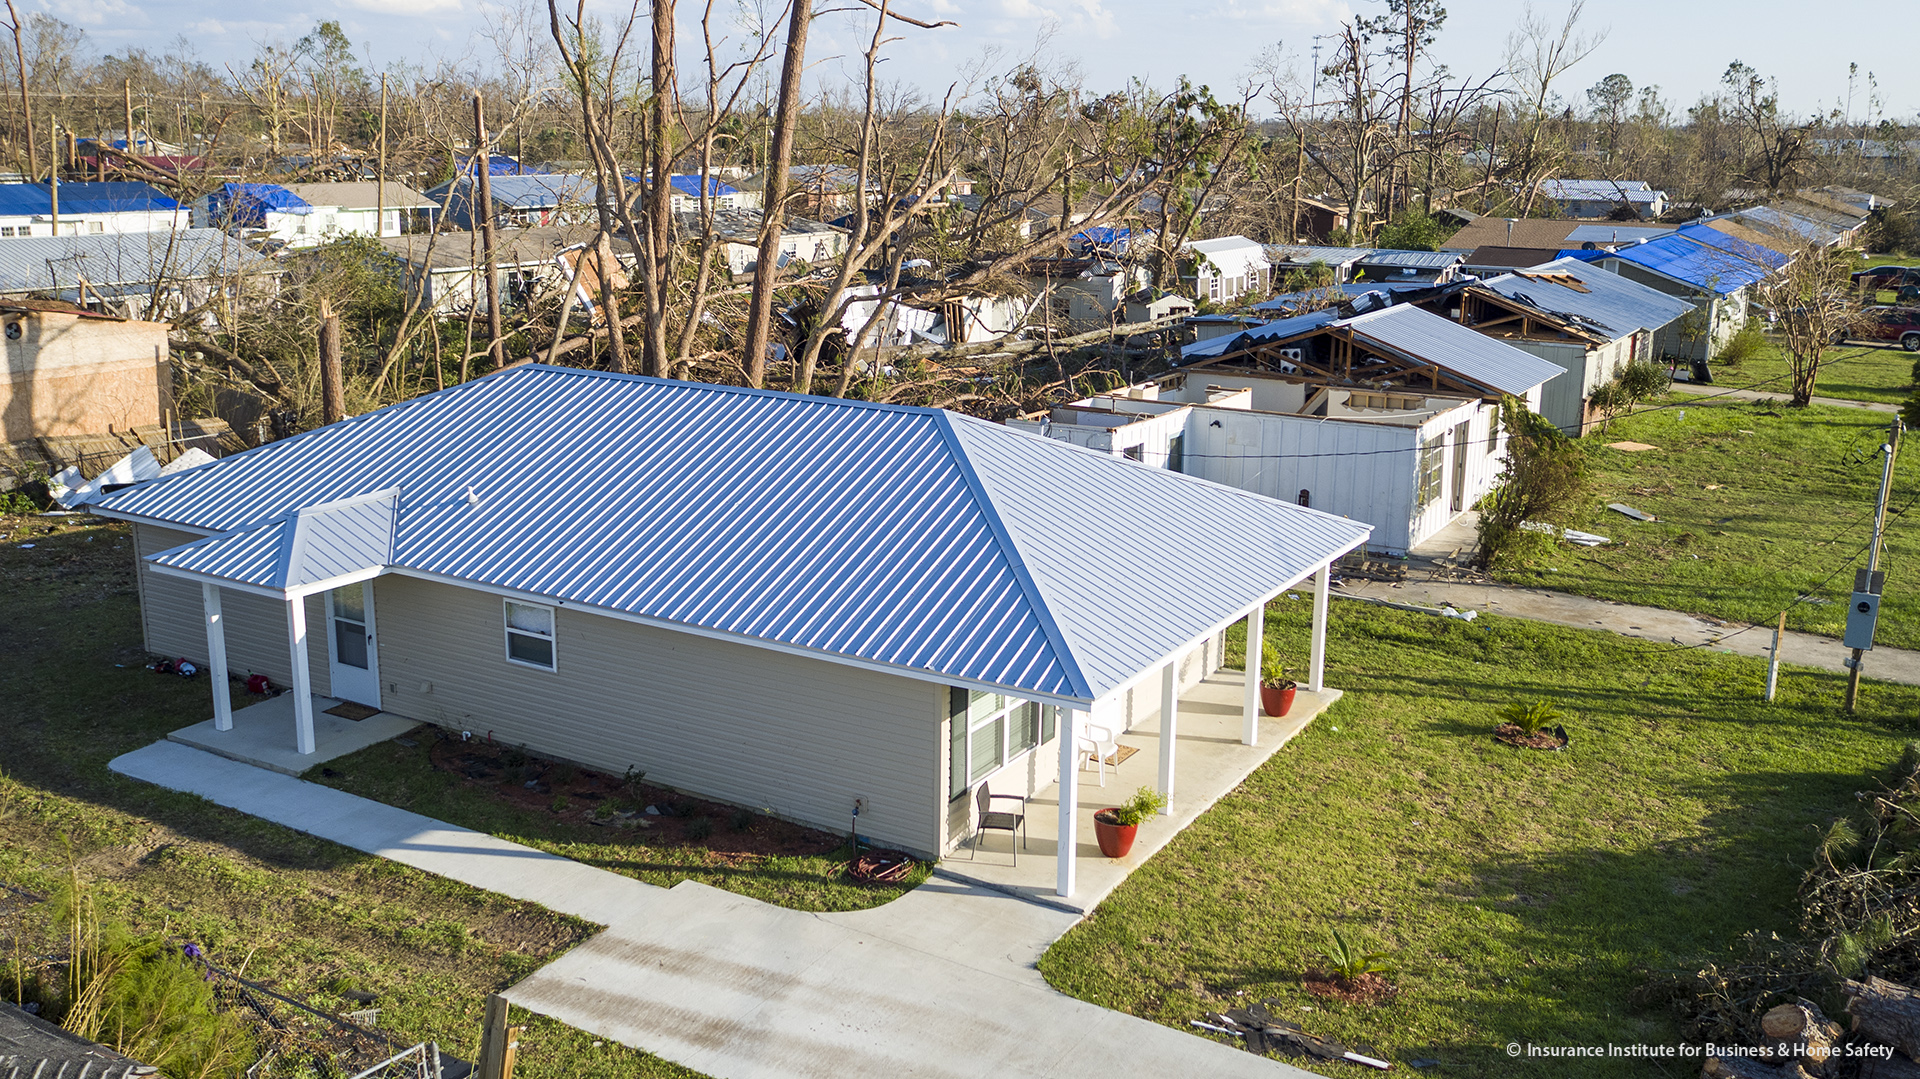 Surviving Hurricane Habitat Houses Offer Lessons Jlc Online